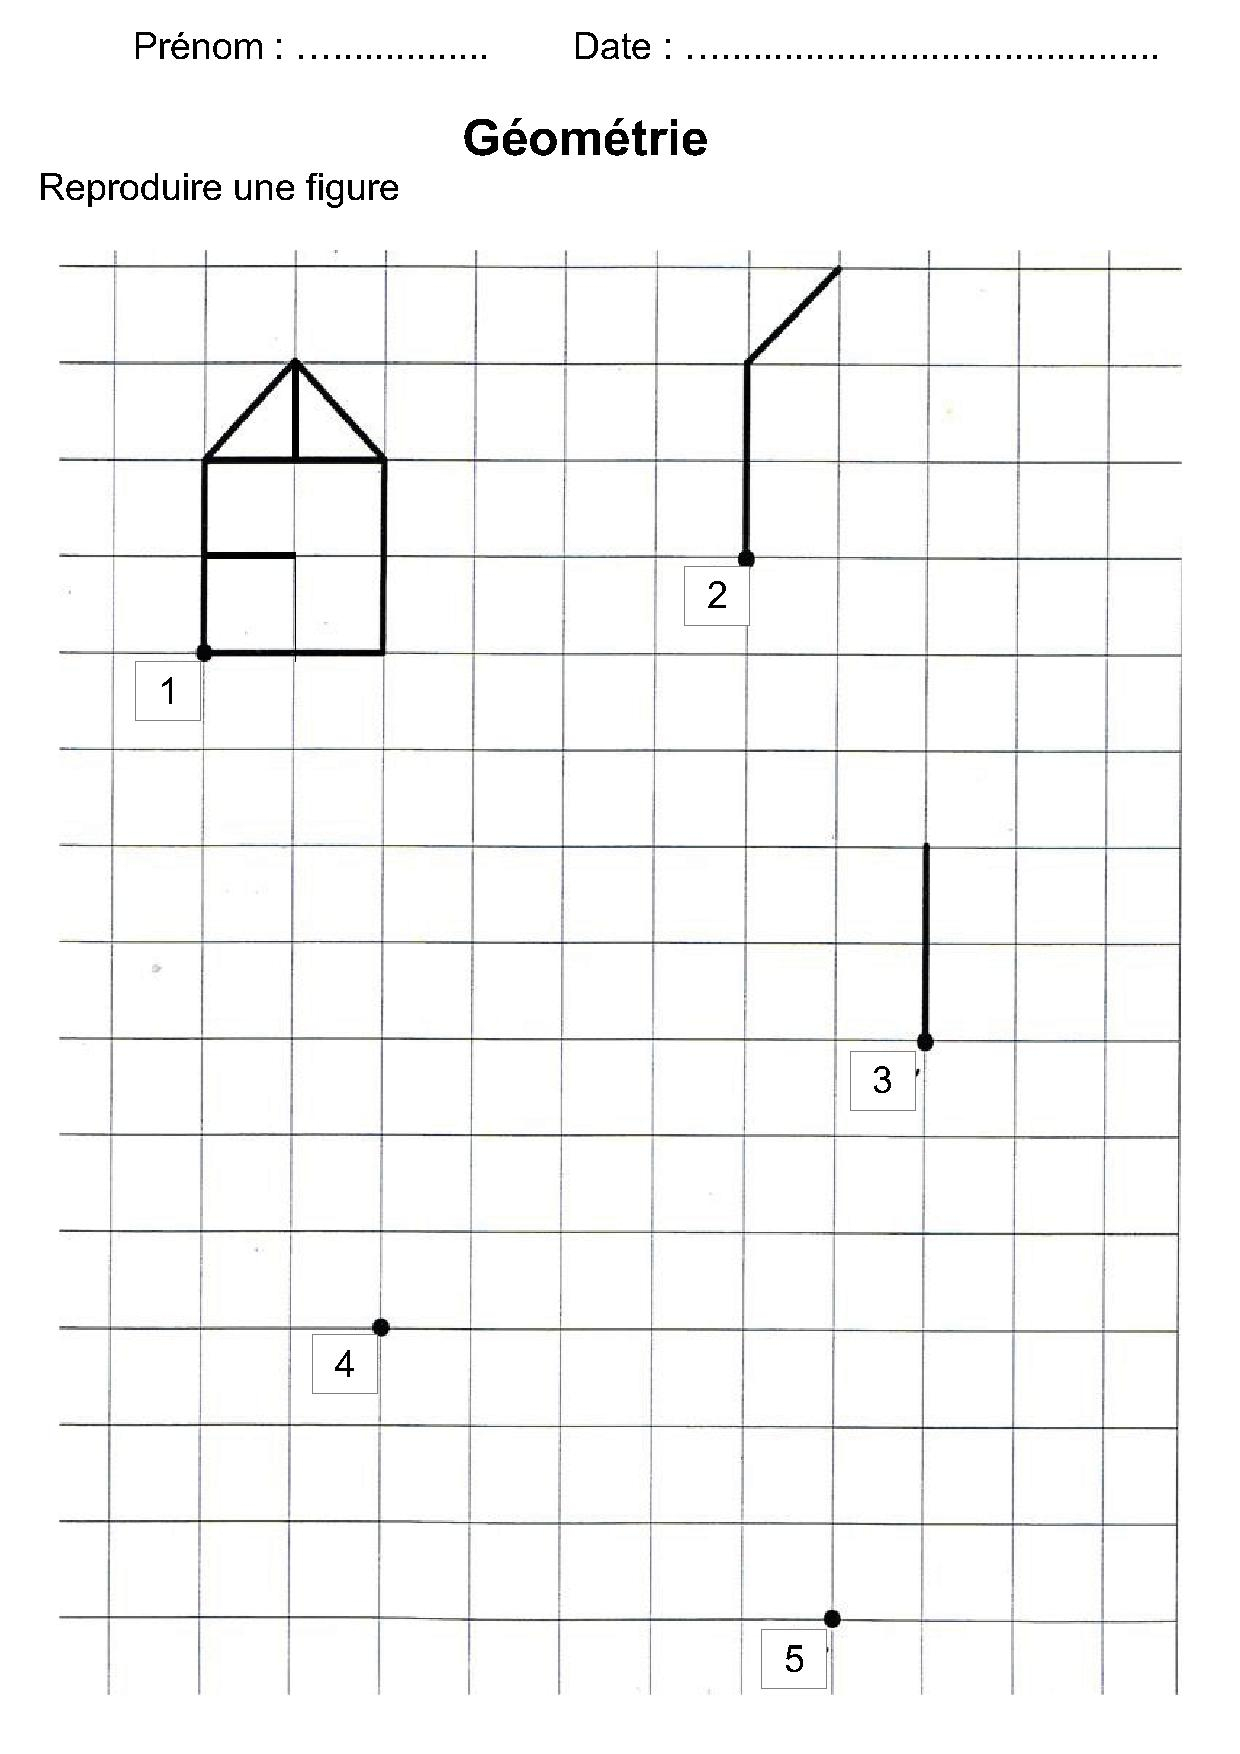 Géométrie Ce1,ce2,la Symétrie,reproduire Une Figure à Dessin Géométrique Ce2